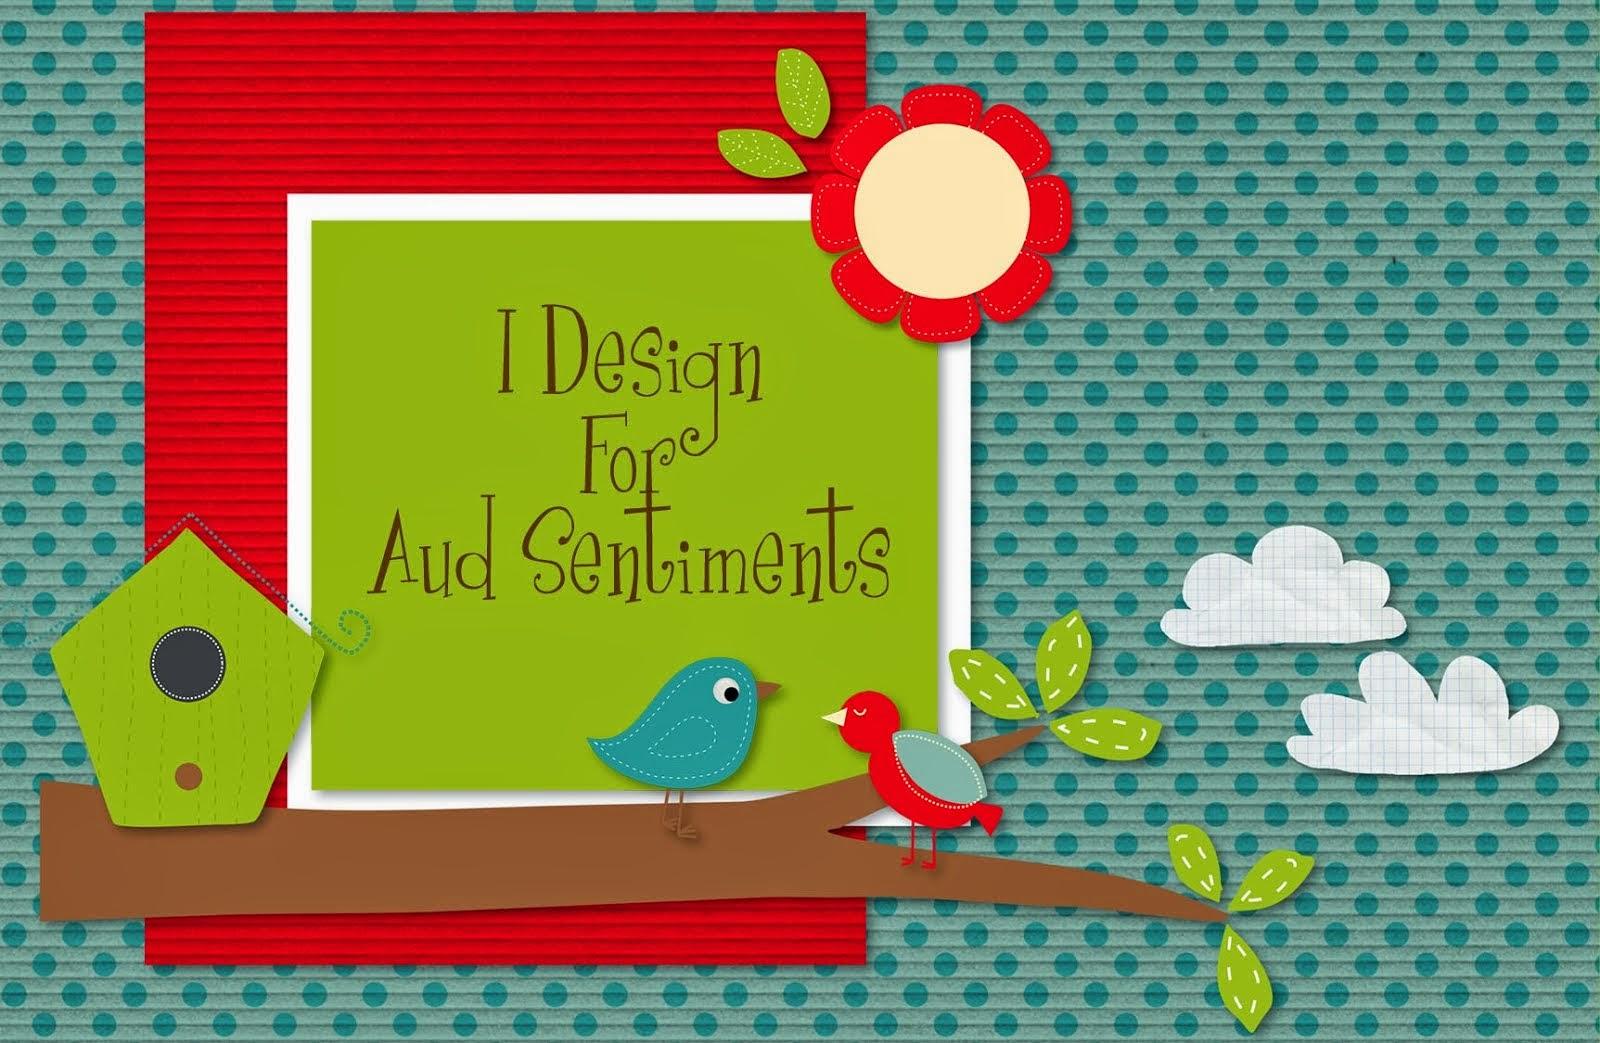 Aud Design team